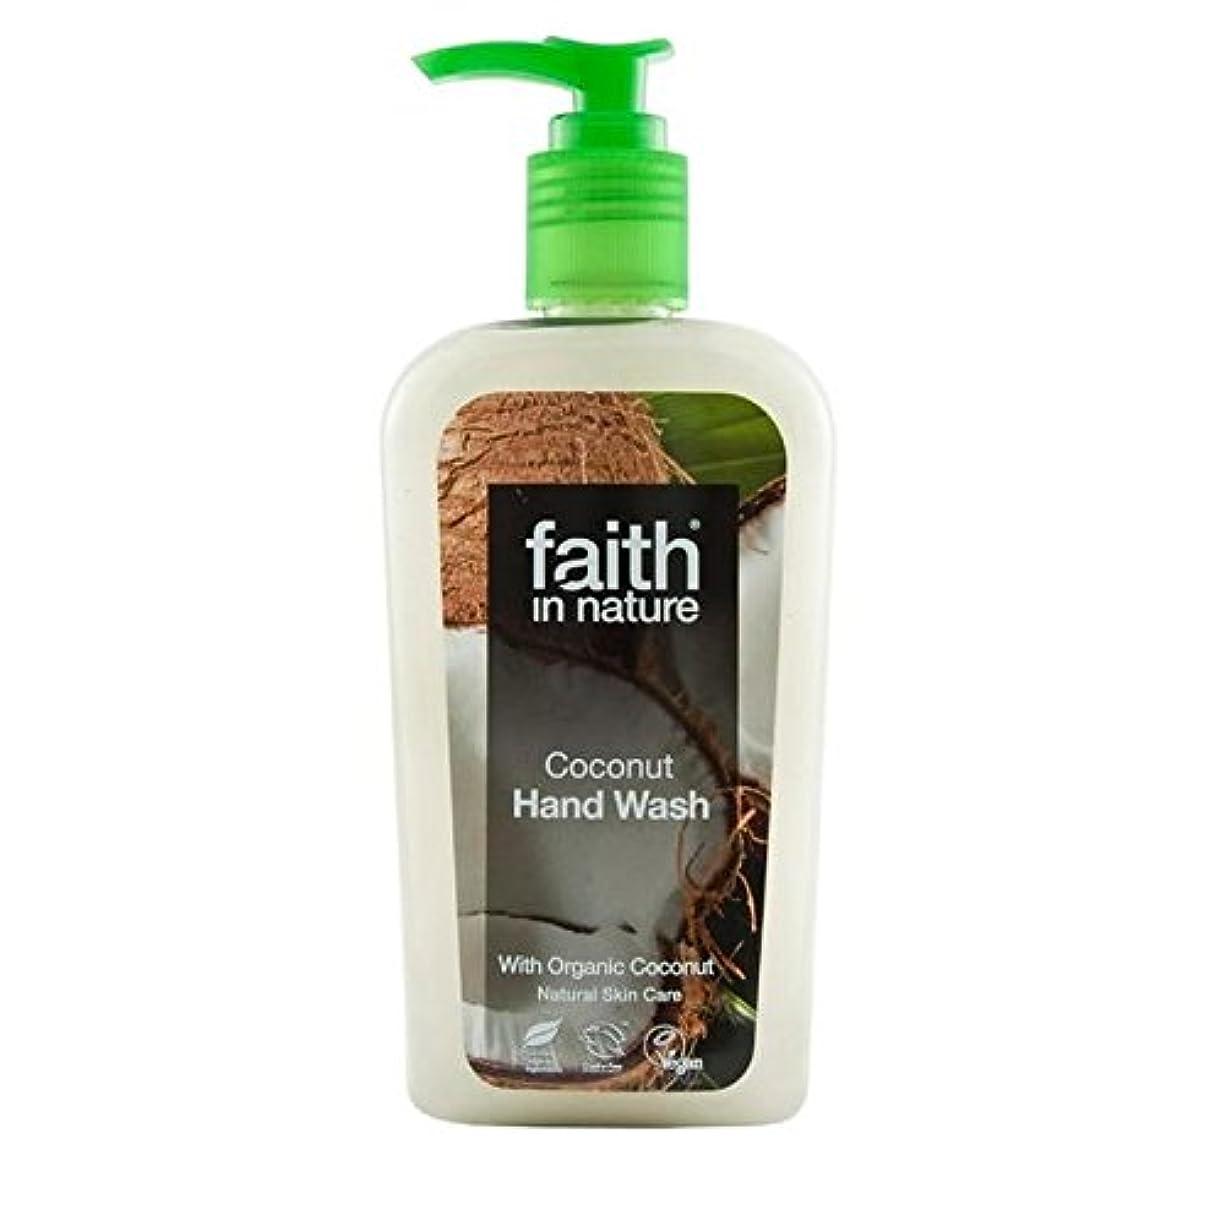 眠っているソブリケットかもめFaith in Nature Coconut Handwash 300ml (Pack of 4) - (Faith In Nature) 自然ココナッツ手洗いの300ミリリットルの信仰 (x4) [並行輸入品]